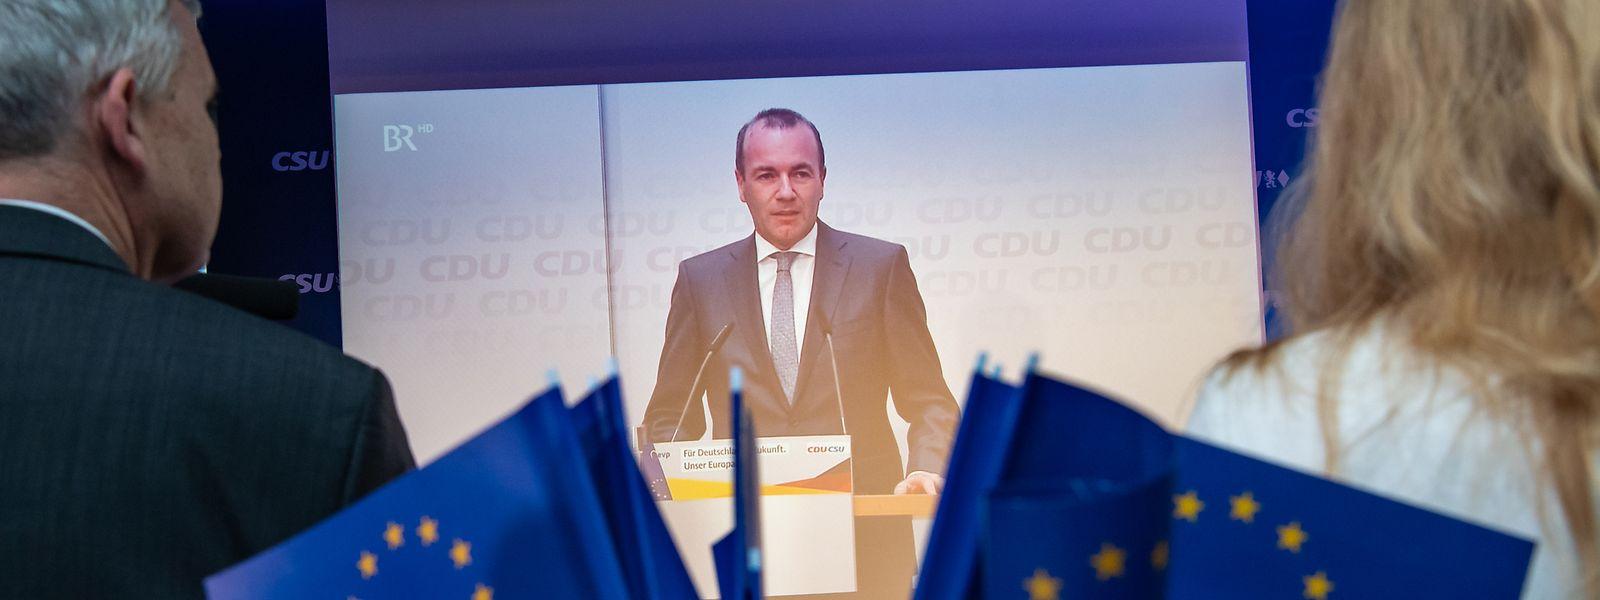 Der Konservative Manfred Weber wird es schwer haben, Kommissionspräsident zu werden.